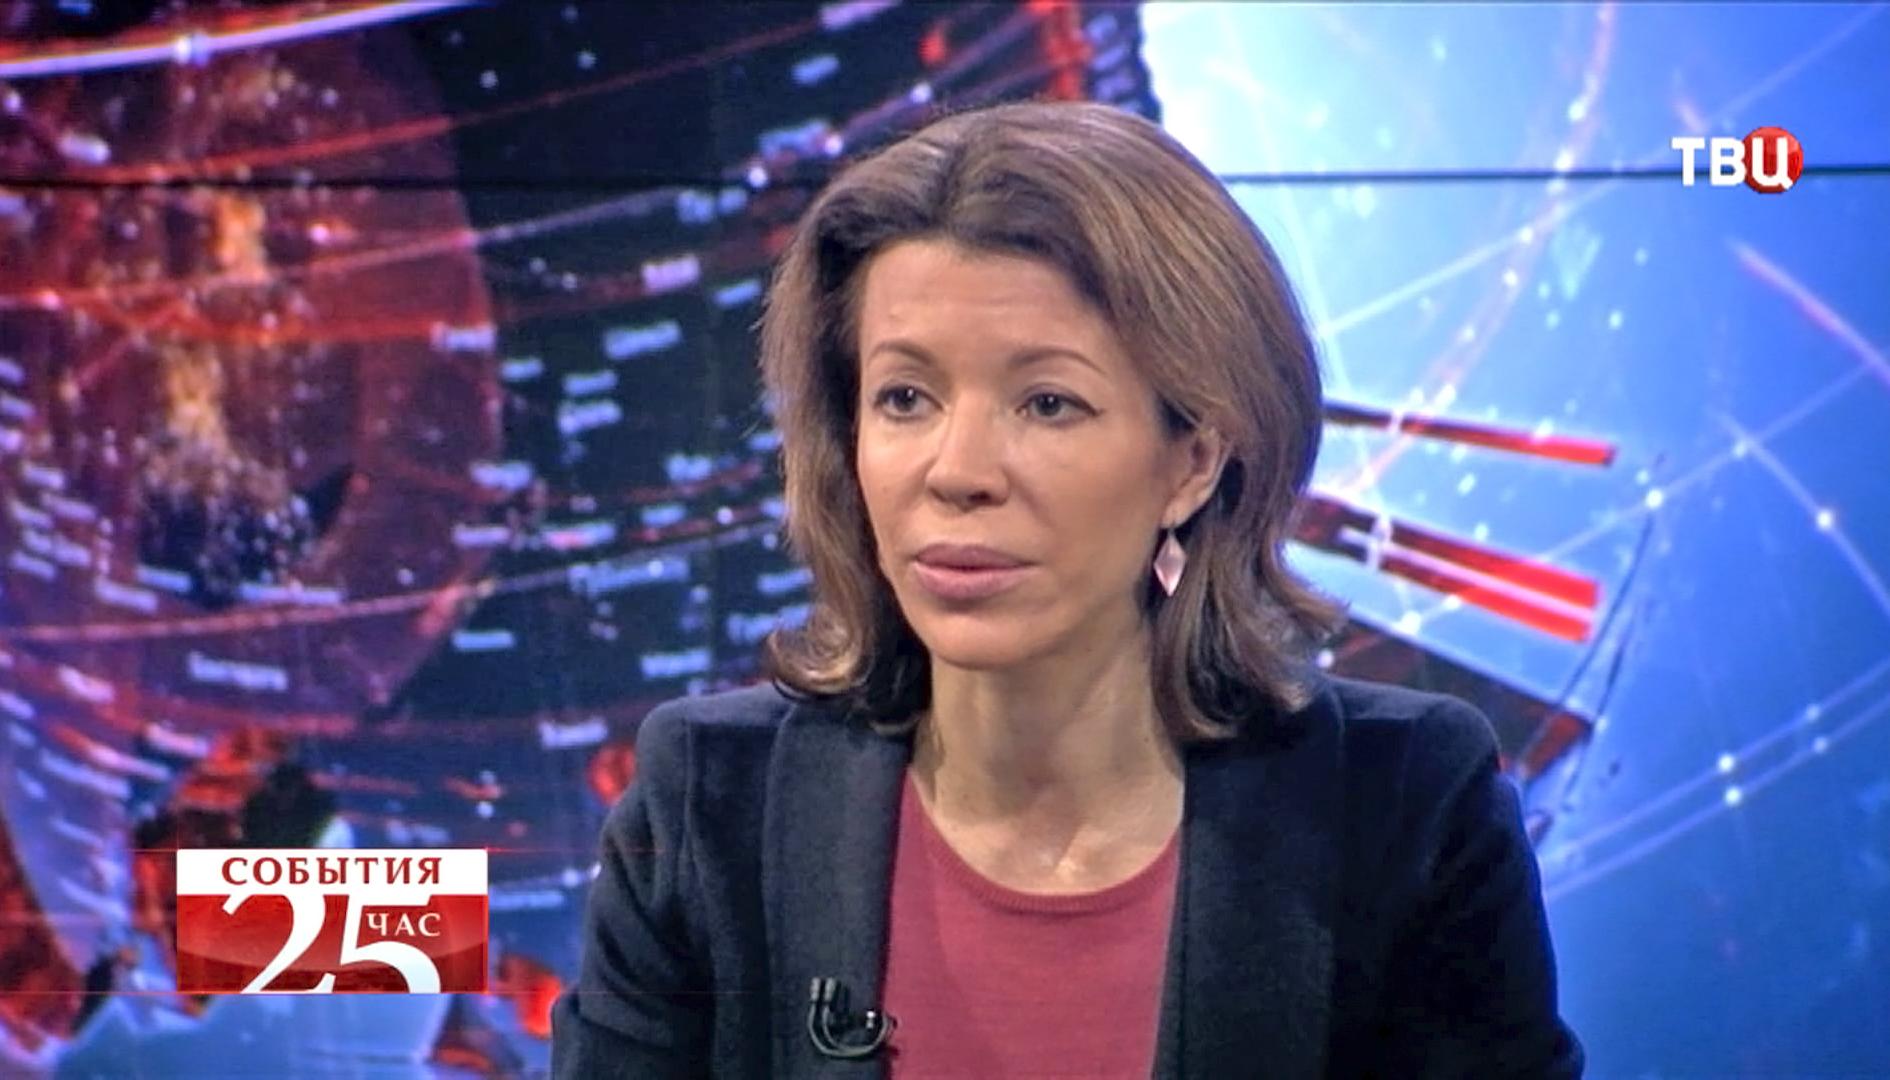 Вероника Крашенинникова - генеральный директор Института внешнеполитических исследований и инициатив